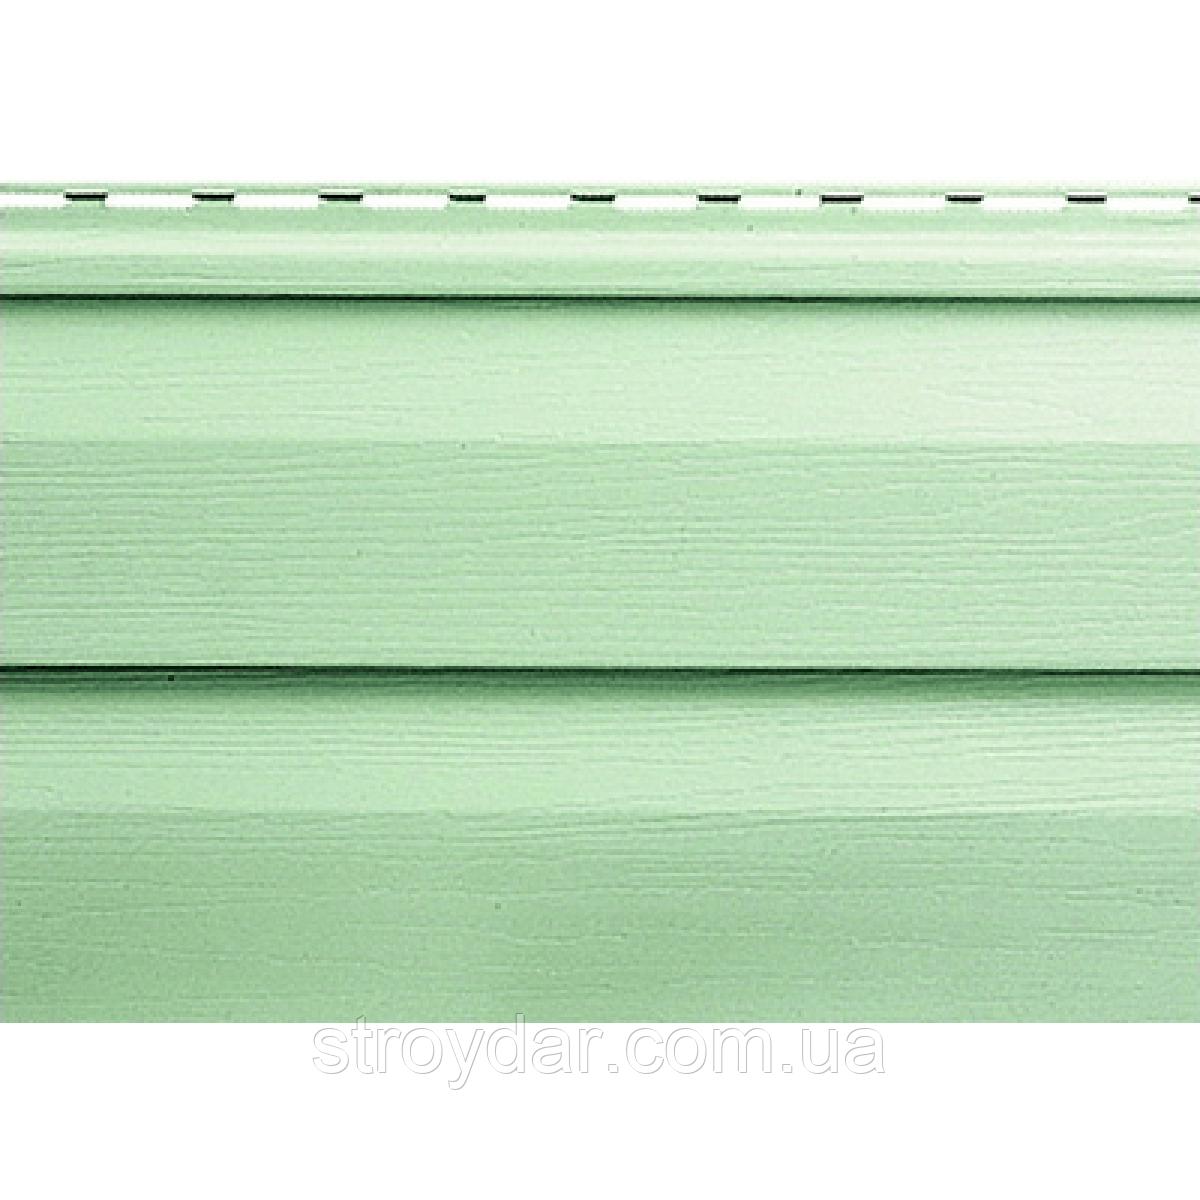 Виниловый сайдинг Альта-Профиль Серо-зеленый коллекция Ангара